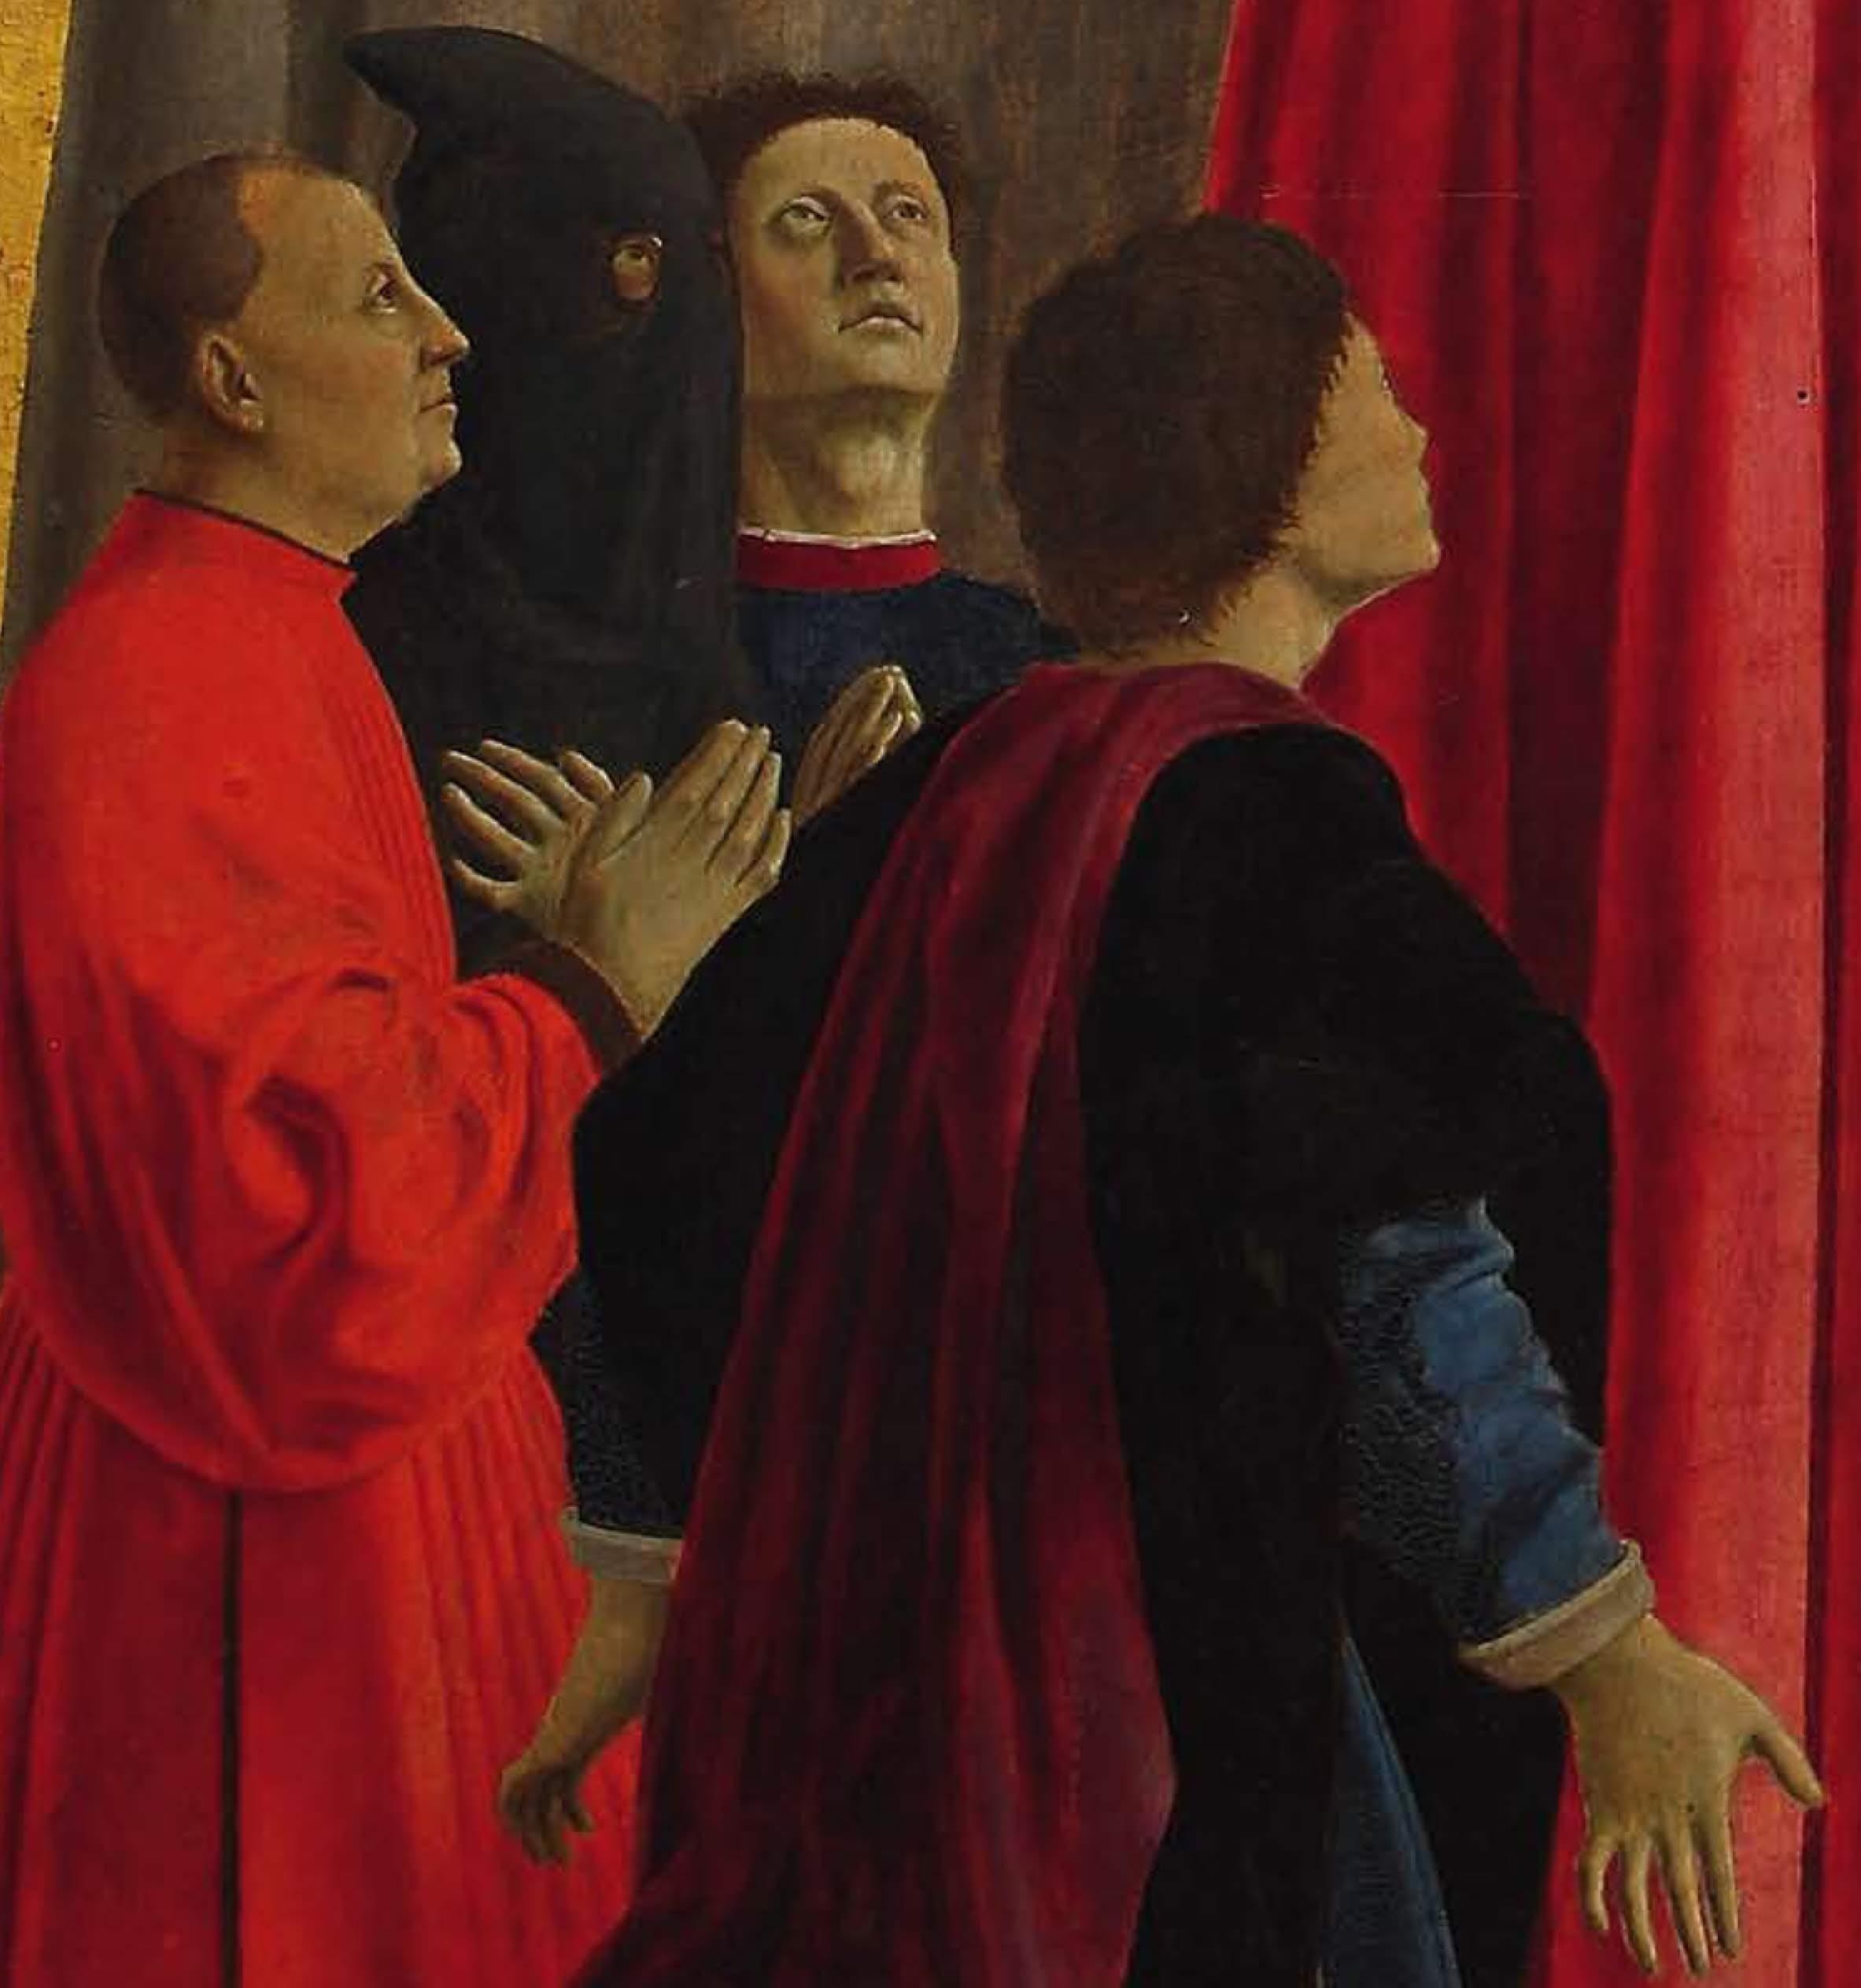 Piero della Francesca,LaMadonna della Misericordia1444-1465, (particolare, Gli oranti, con l'autoritratto di Piero voltato verso lo spettatore, al centro), Museo Civico, Sansepolcro